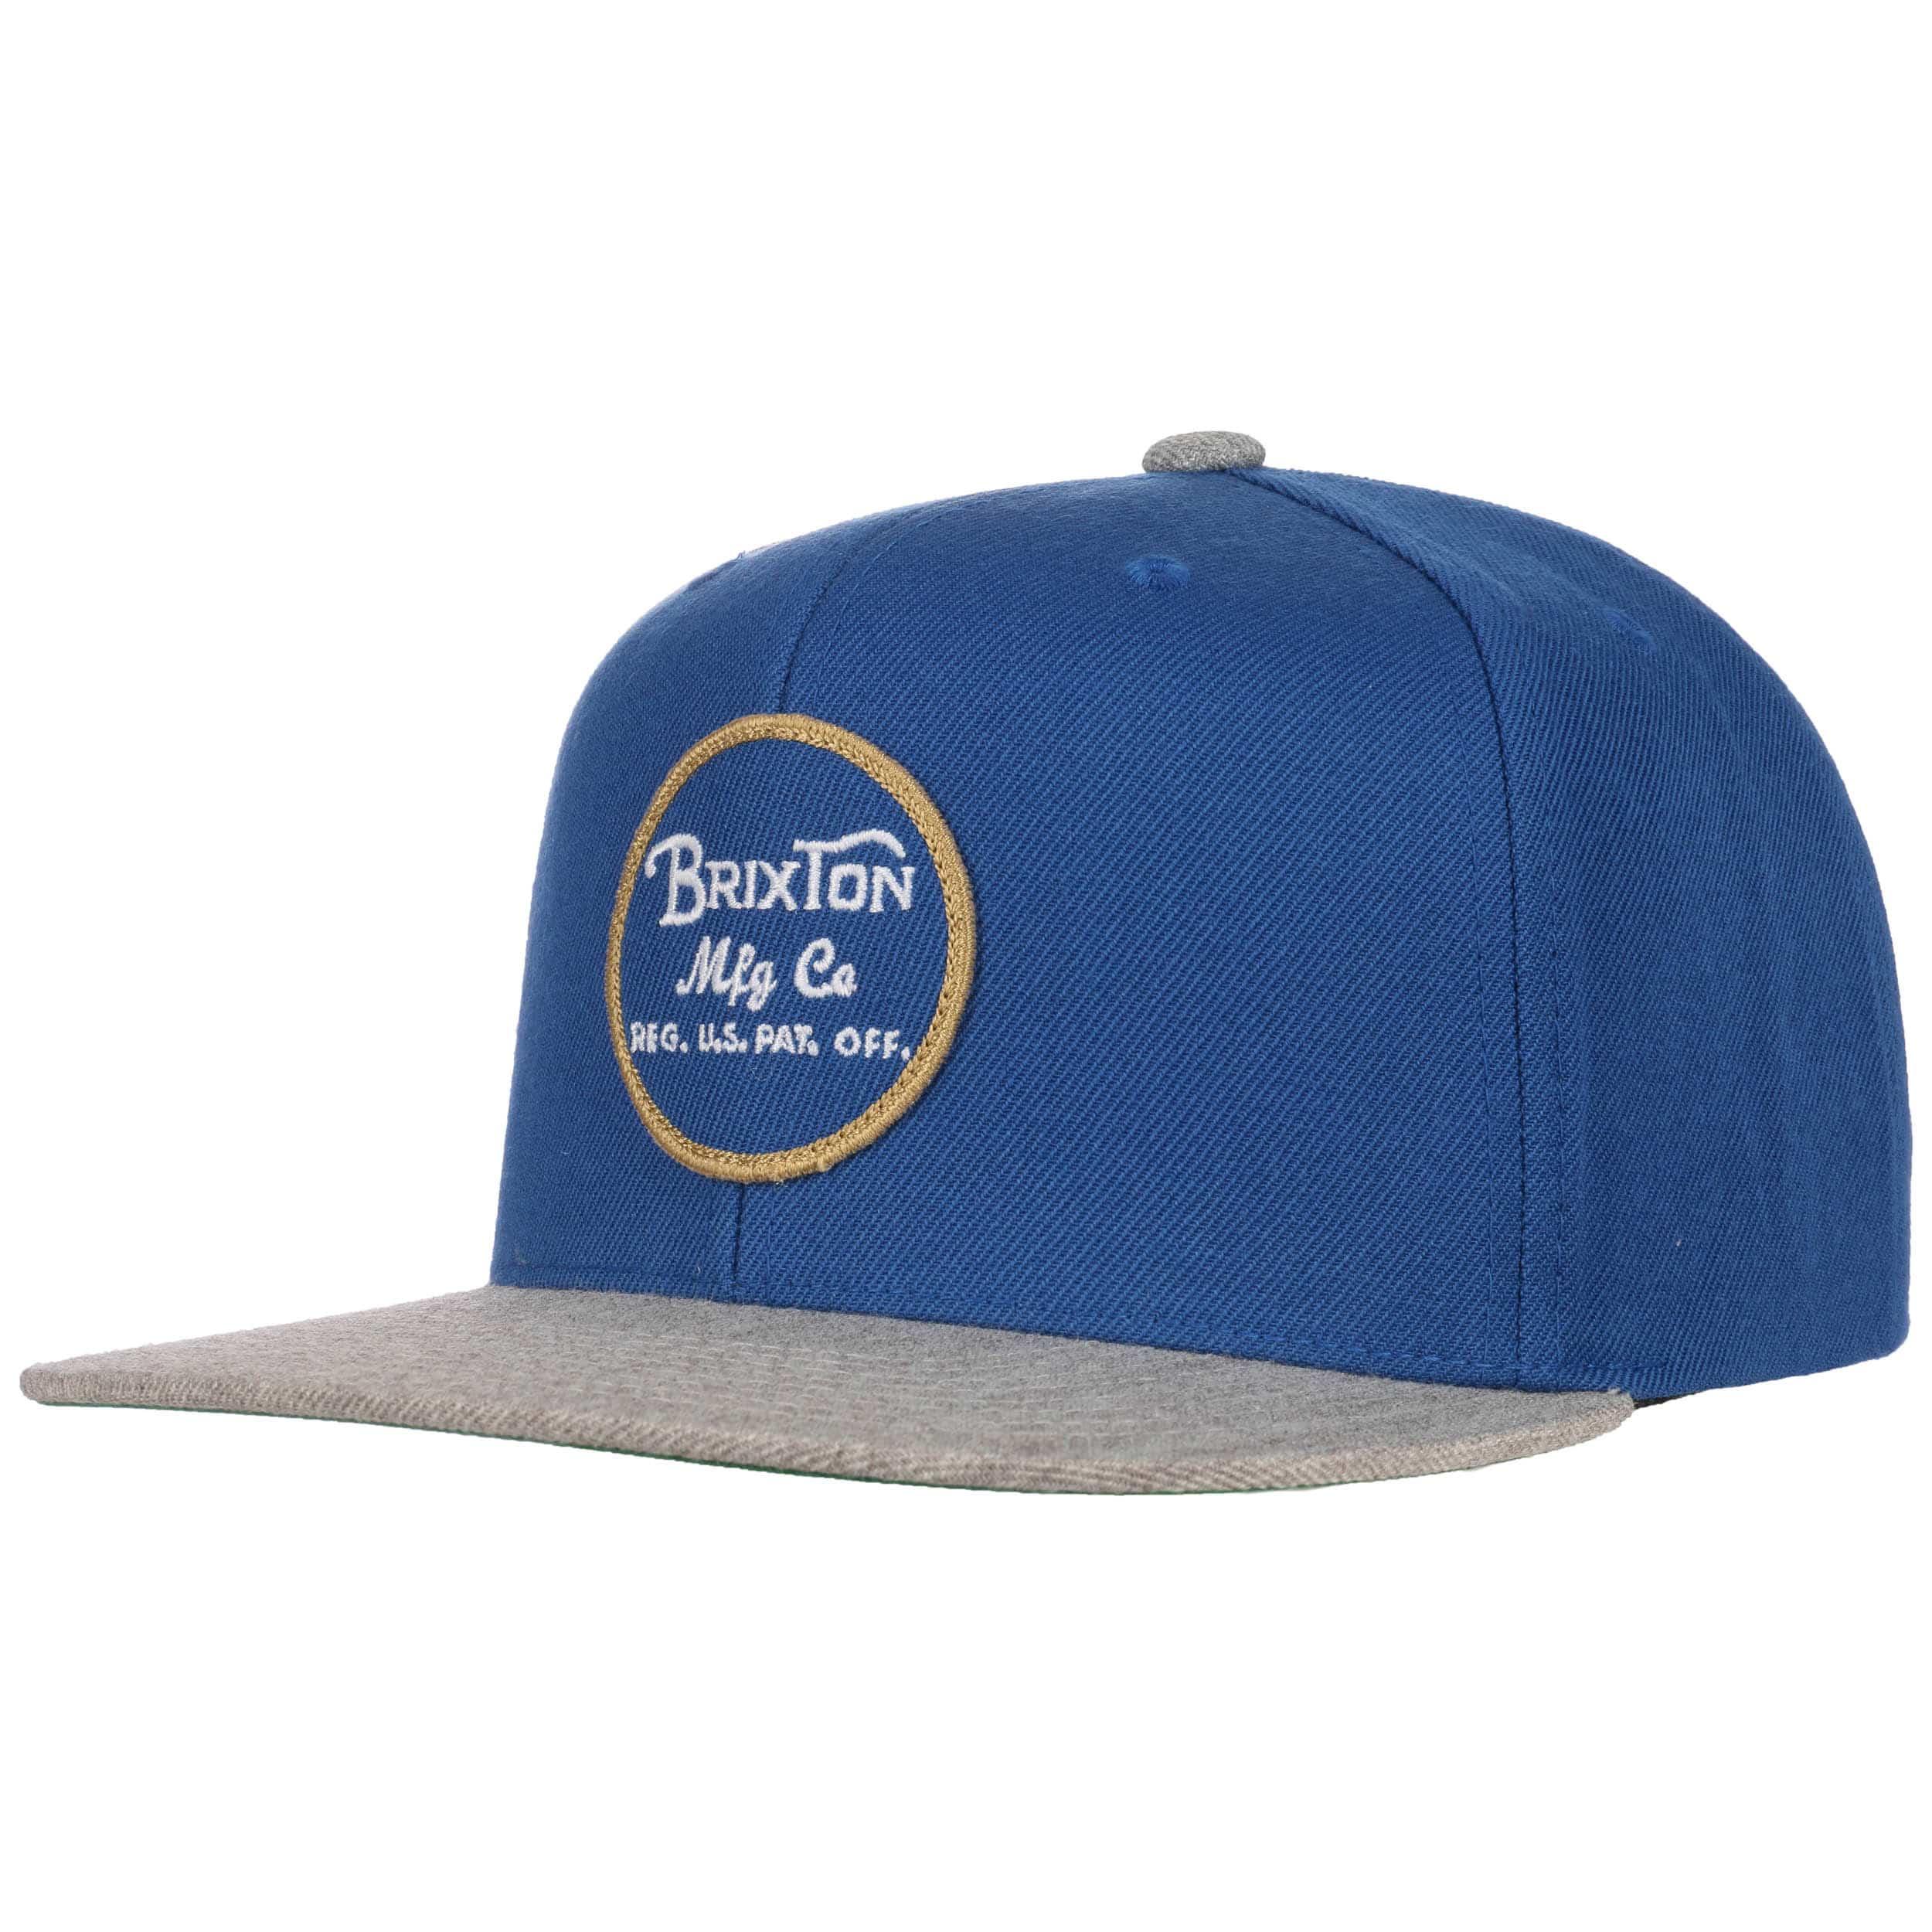 hot sale online 9d7c5 63b00 ... best wheeler snapback cap by brixton blue grey 2 fc6d7 40d51